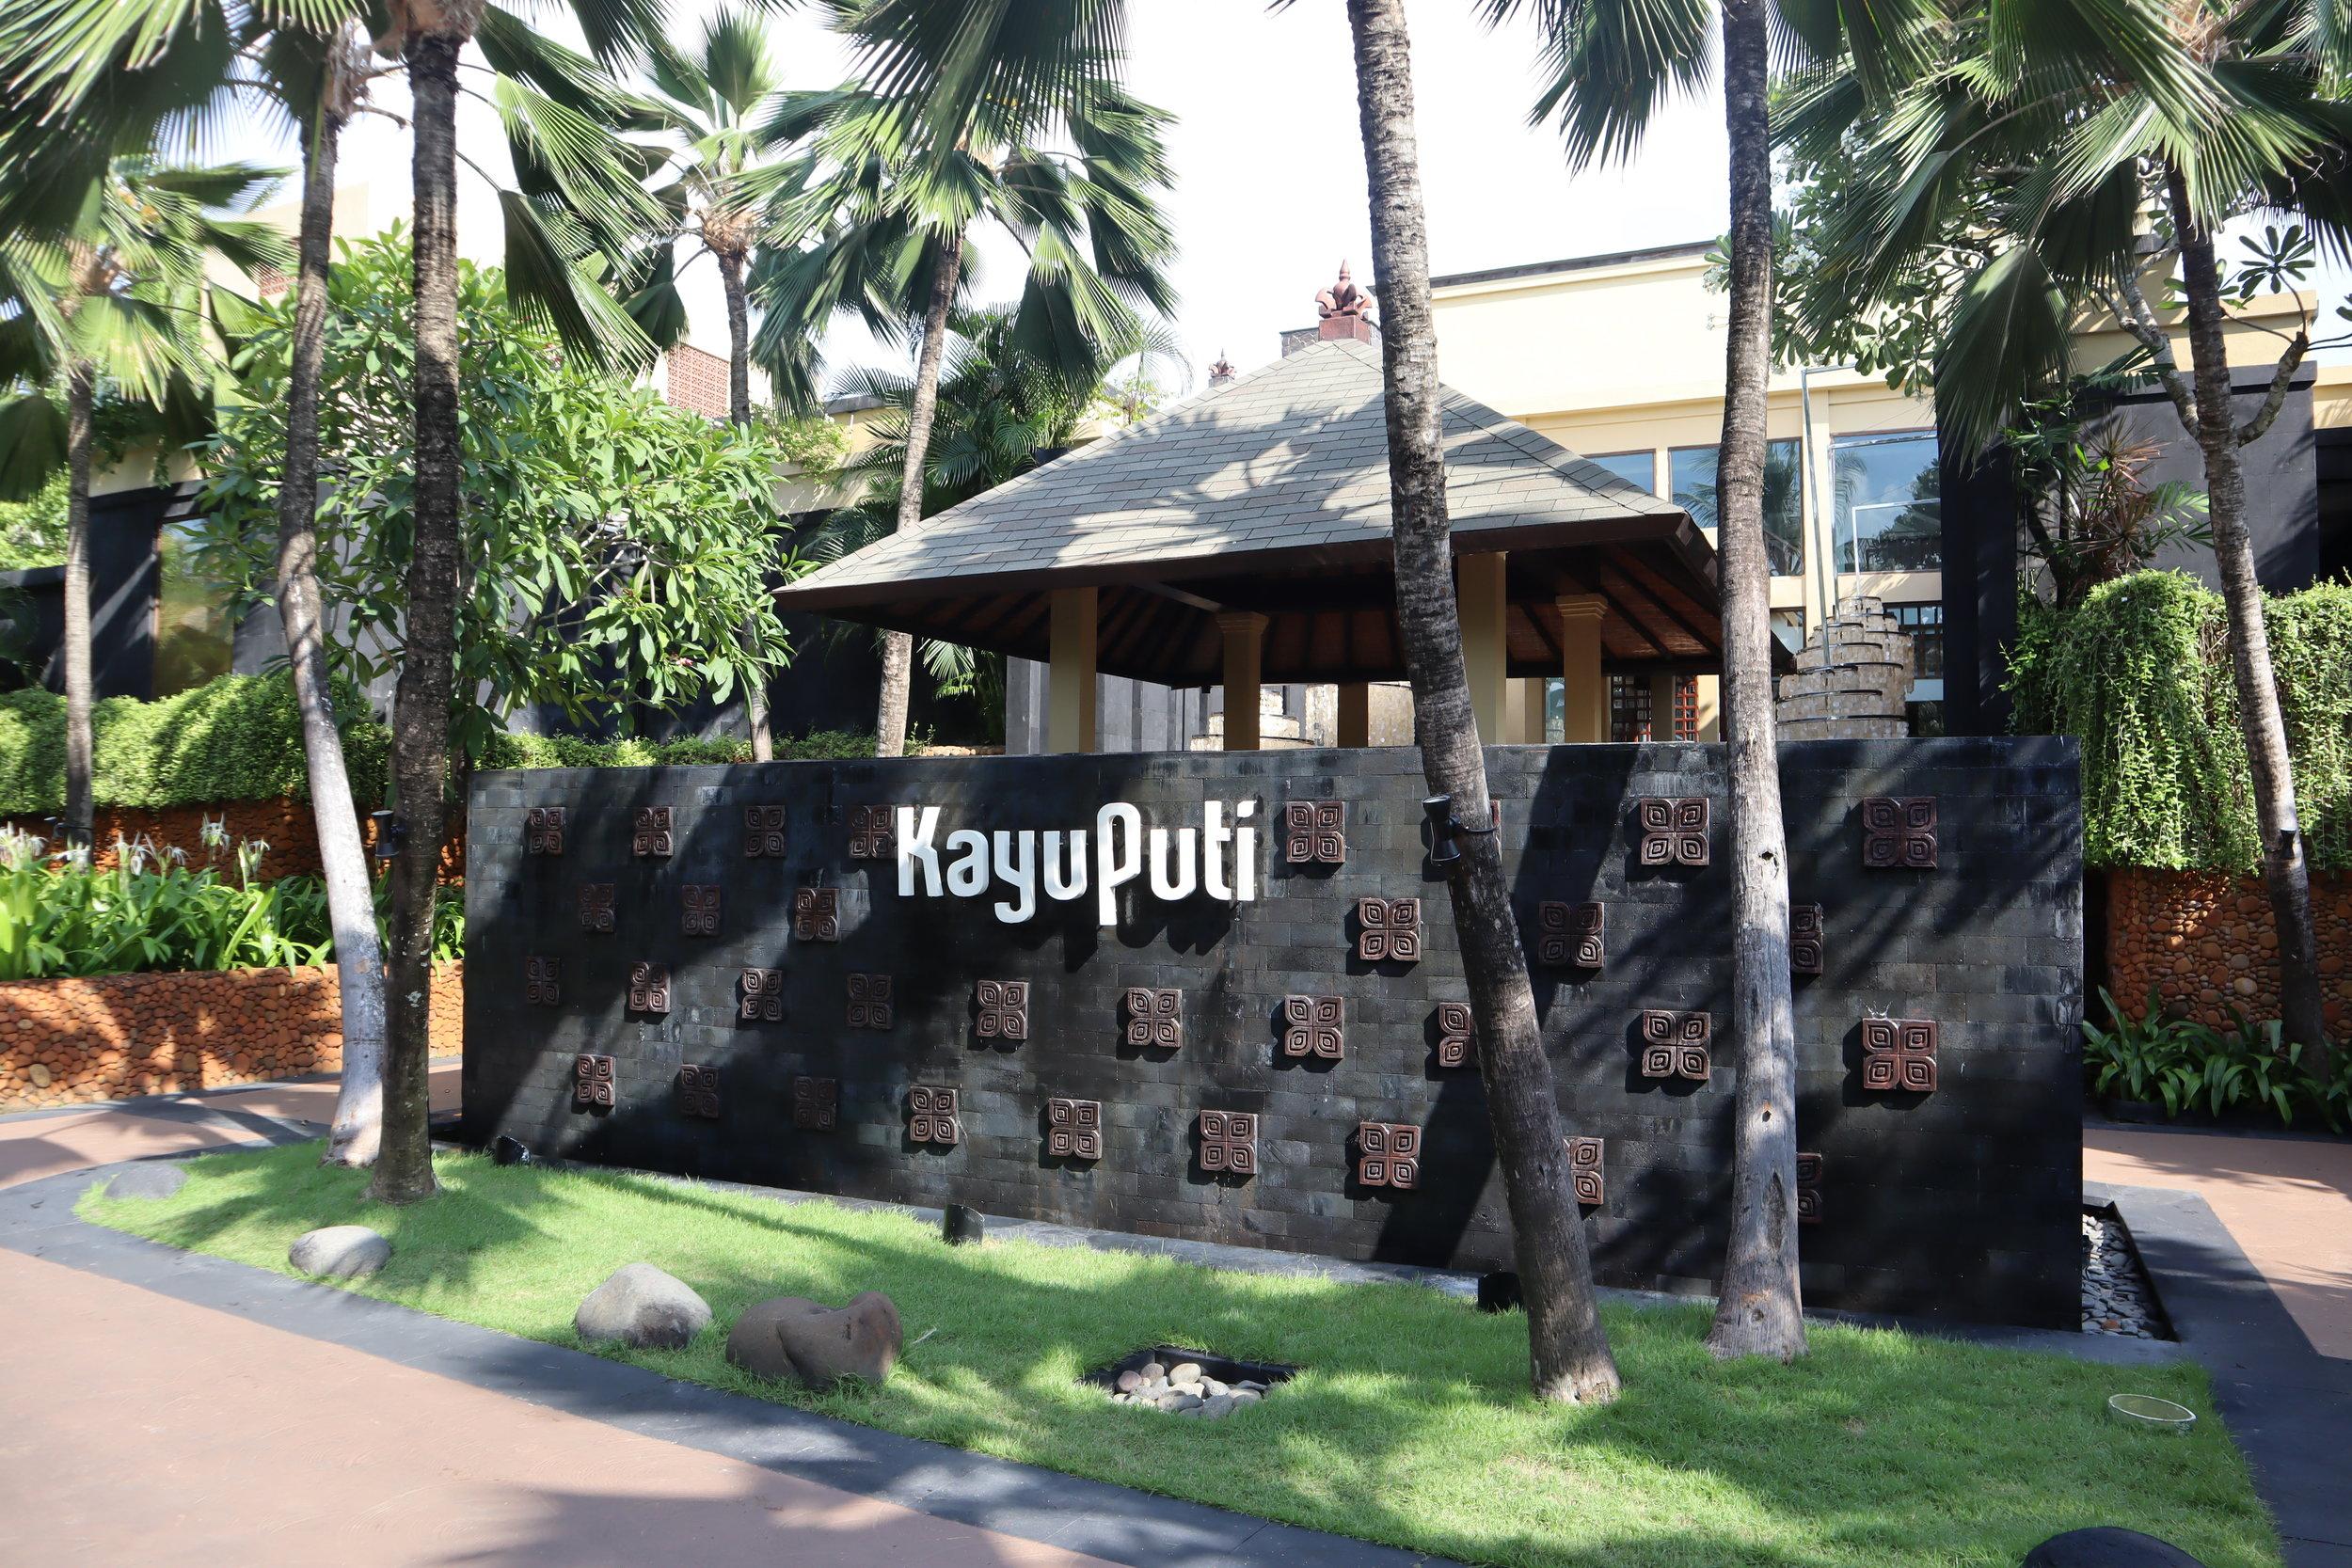 St. Regis Bali – Kayuputi restaurant